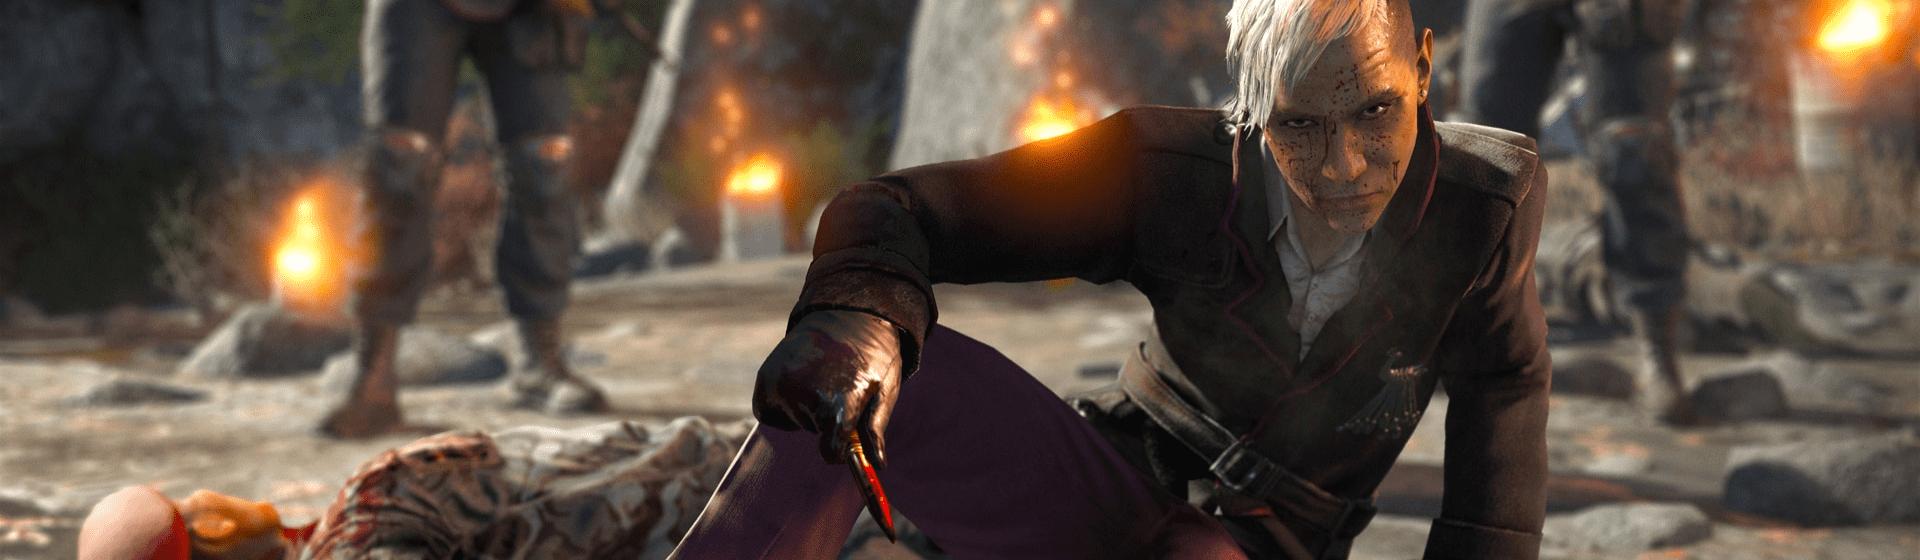 Far Cry 4: requisitos mínimos e recomendados no PC